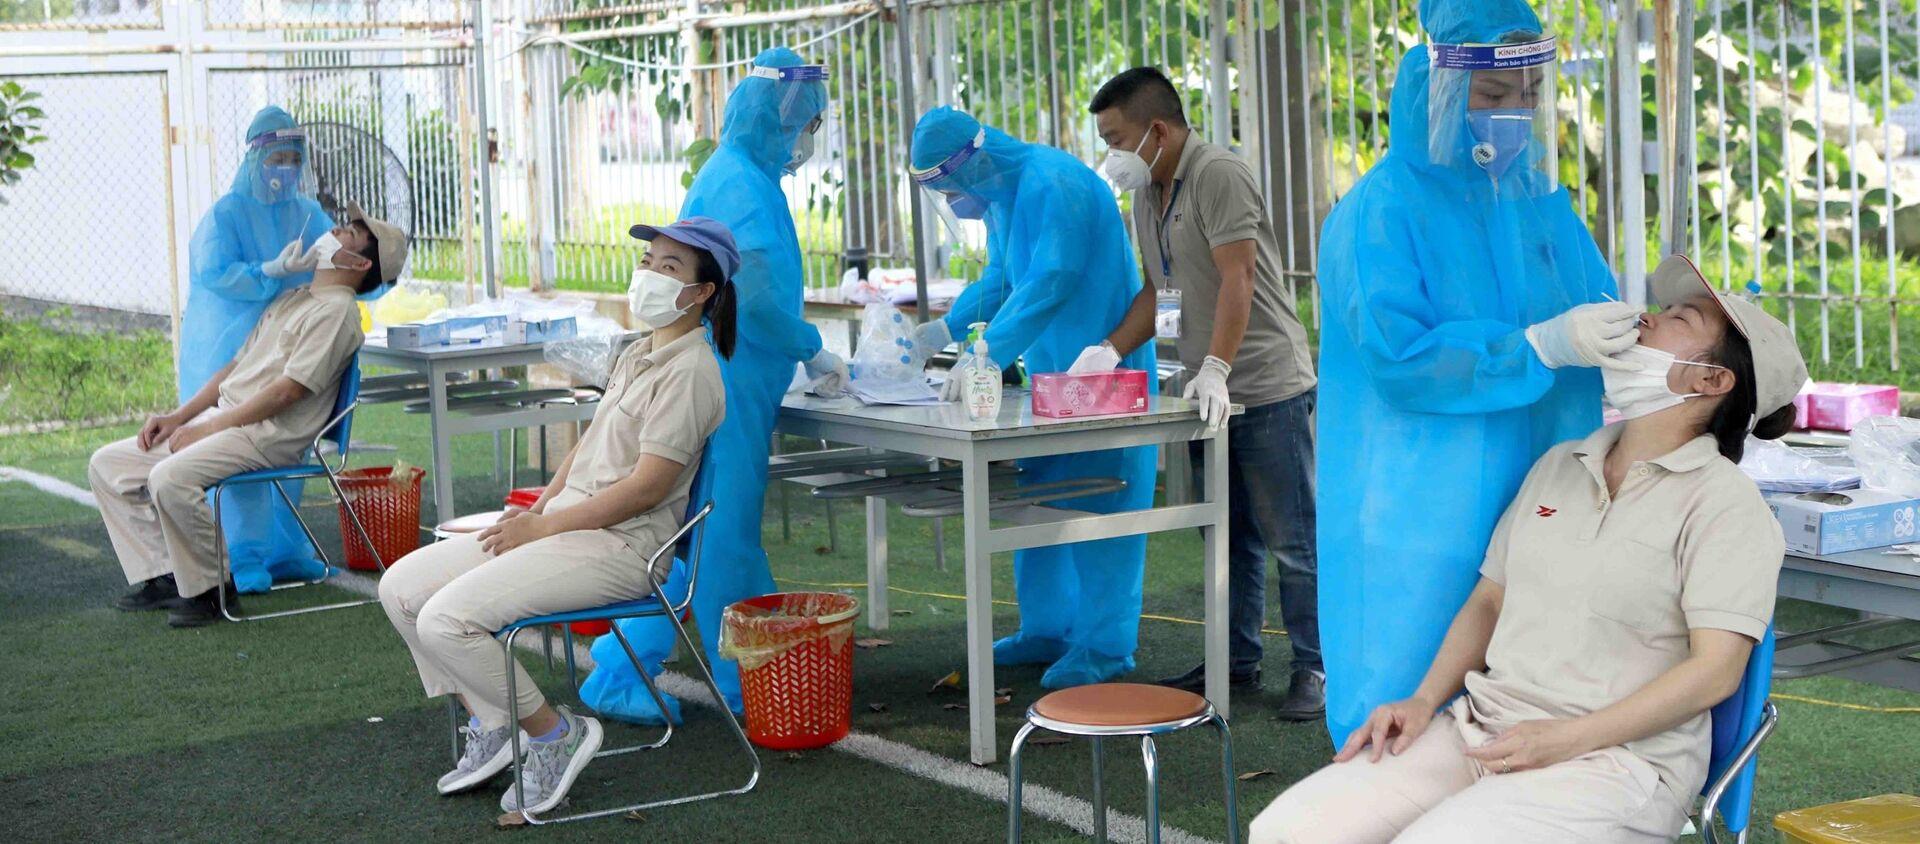 Lấy mẫu xét nghiệm SARS-CoV-2 cho người lao động tại các Khu công nghiệp - Sputnik Việt Nam, 1920, 25.05.2021